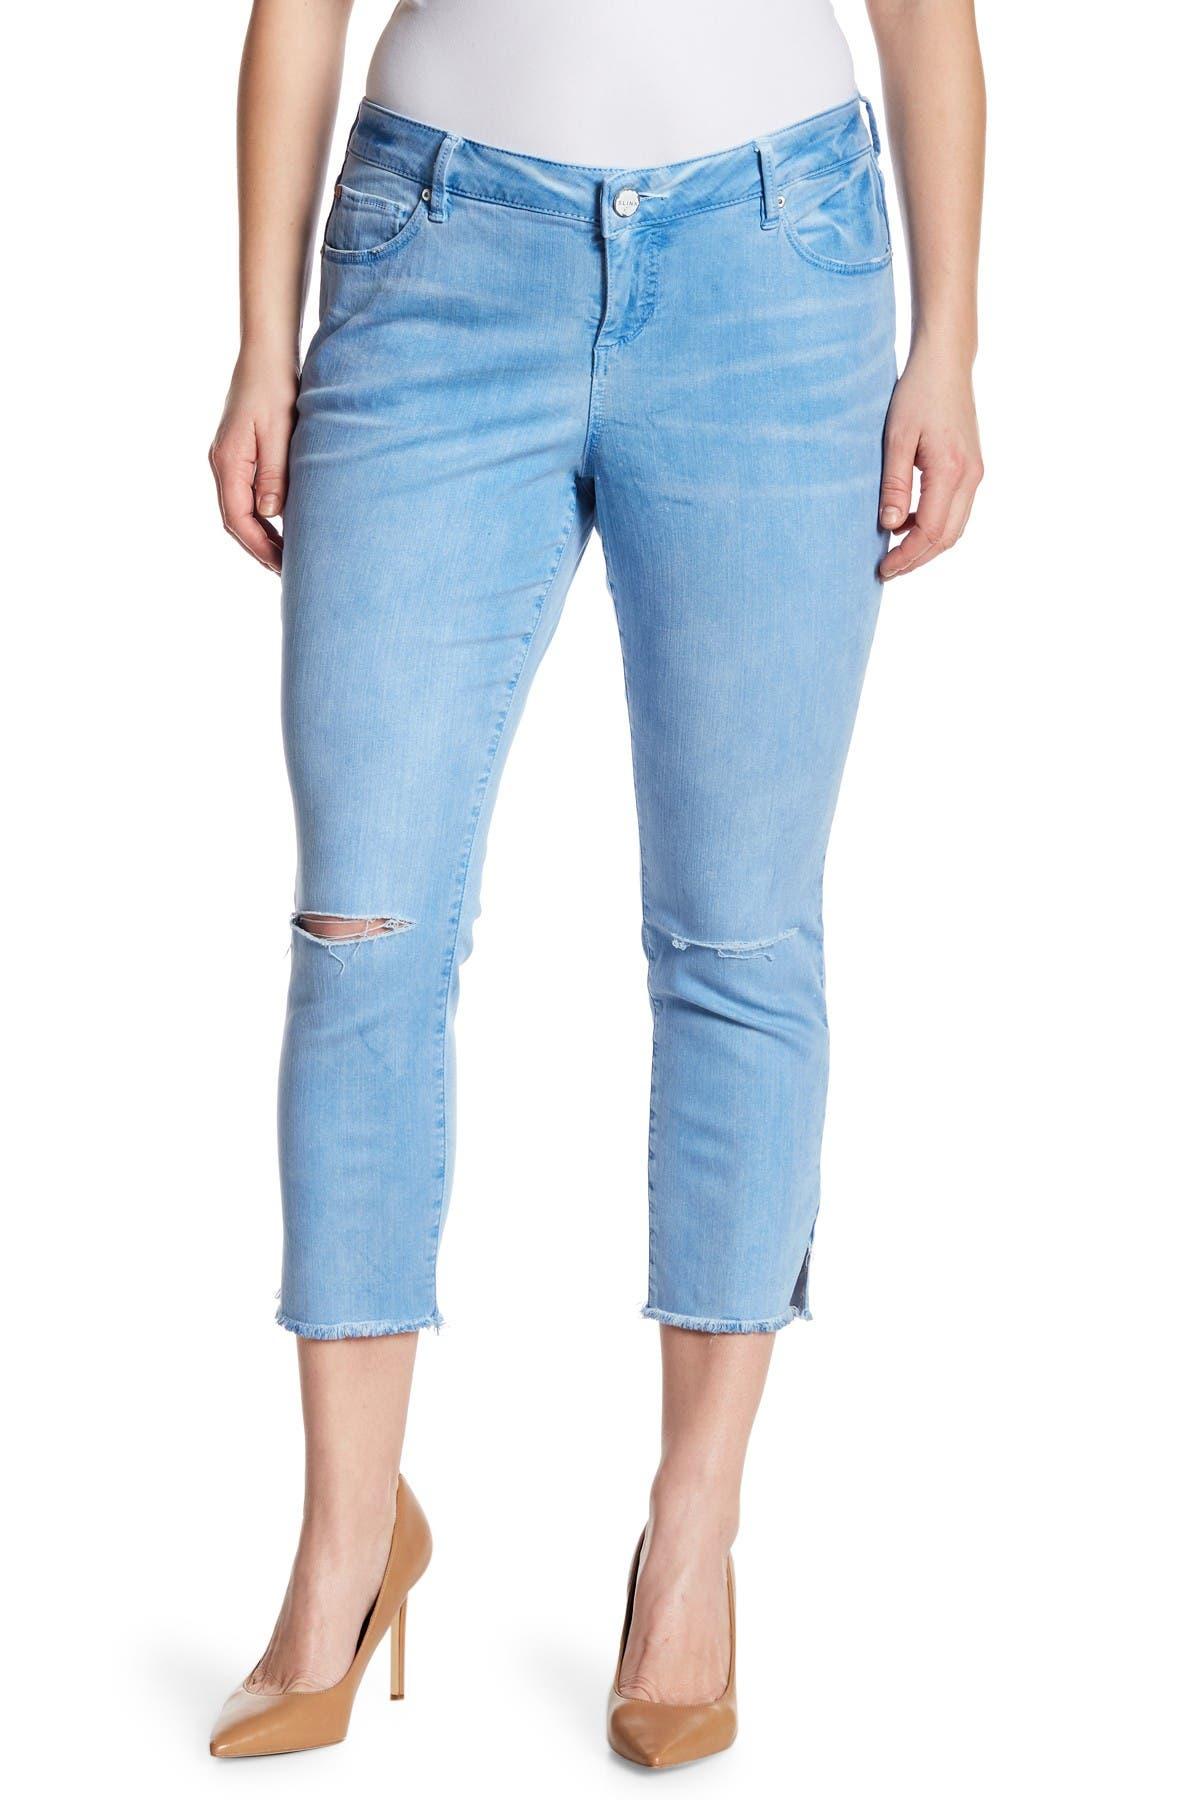 Image of SLINK JEANS Frayed Hem Skinny Jeans